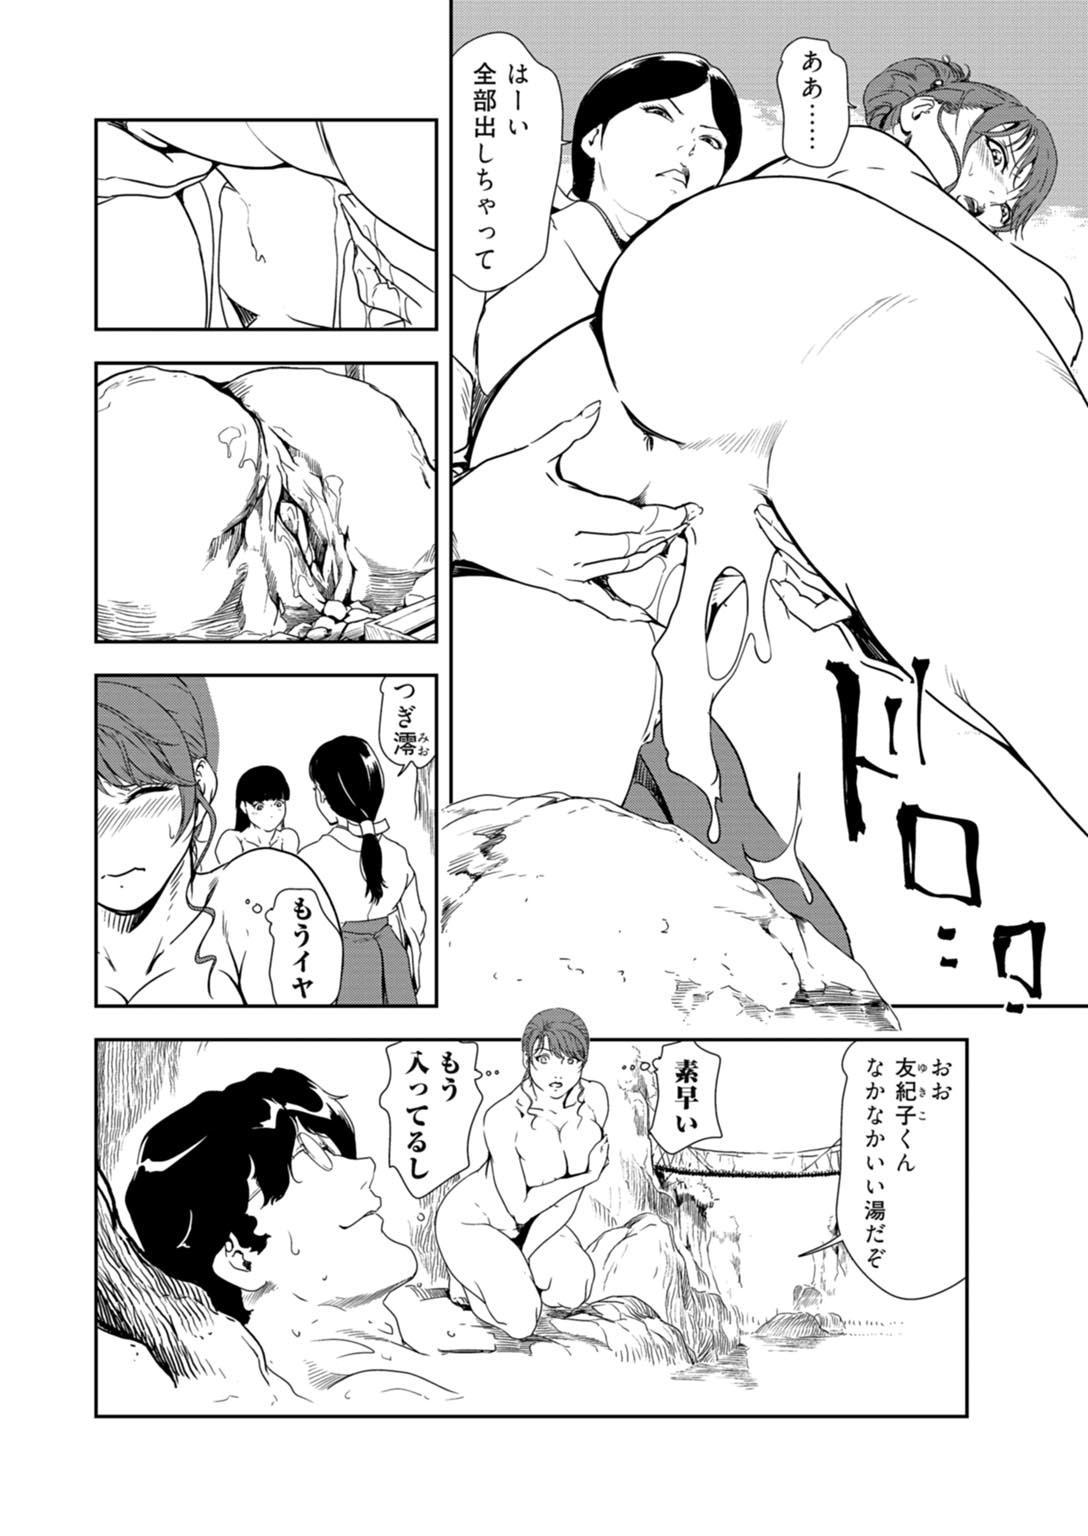 Nikuhisyo Yukiko 33 32